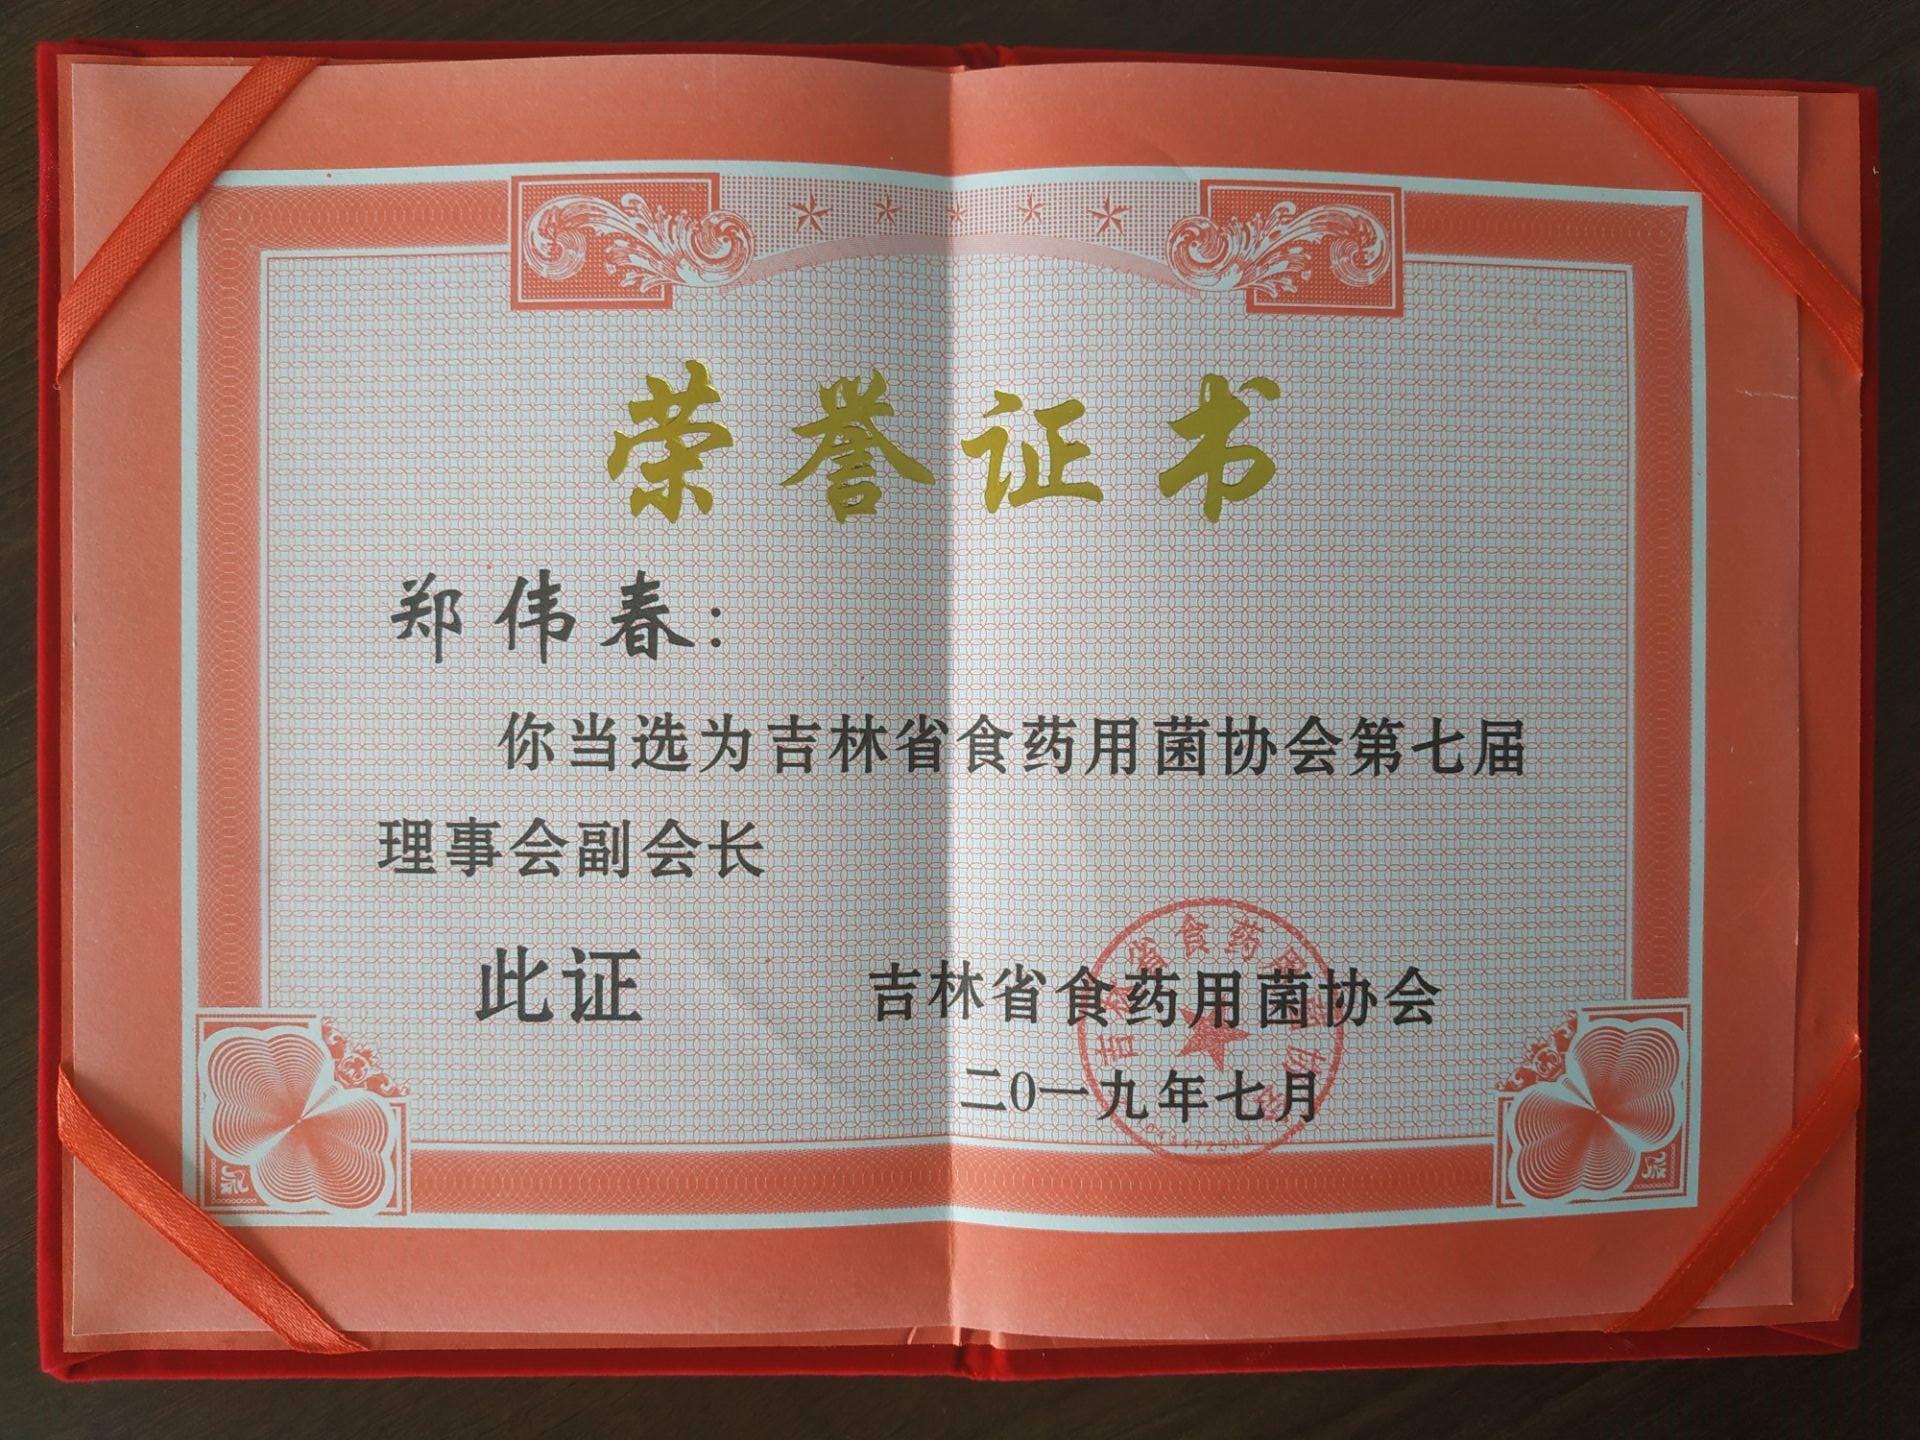 吉林省食药用菌协会第七届理事会副会长